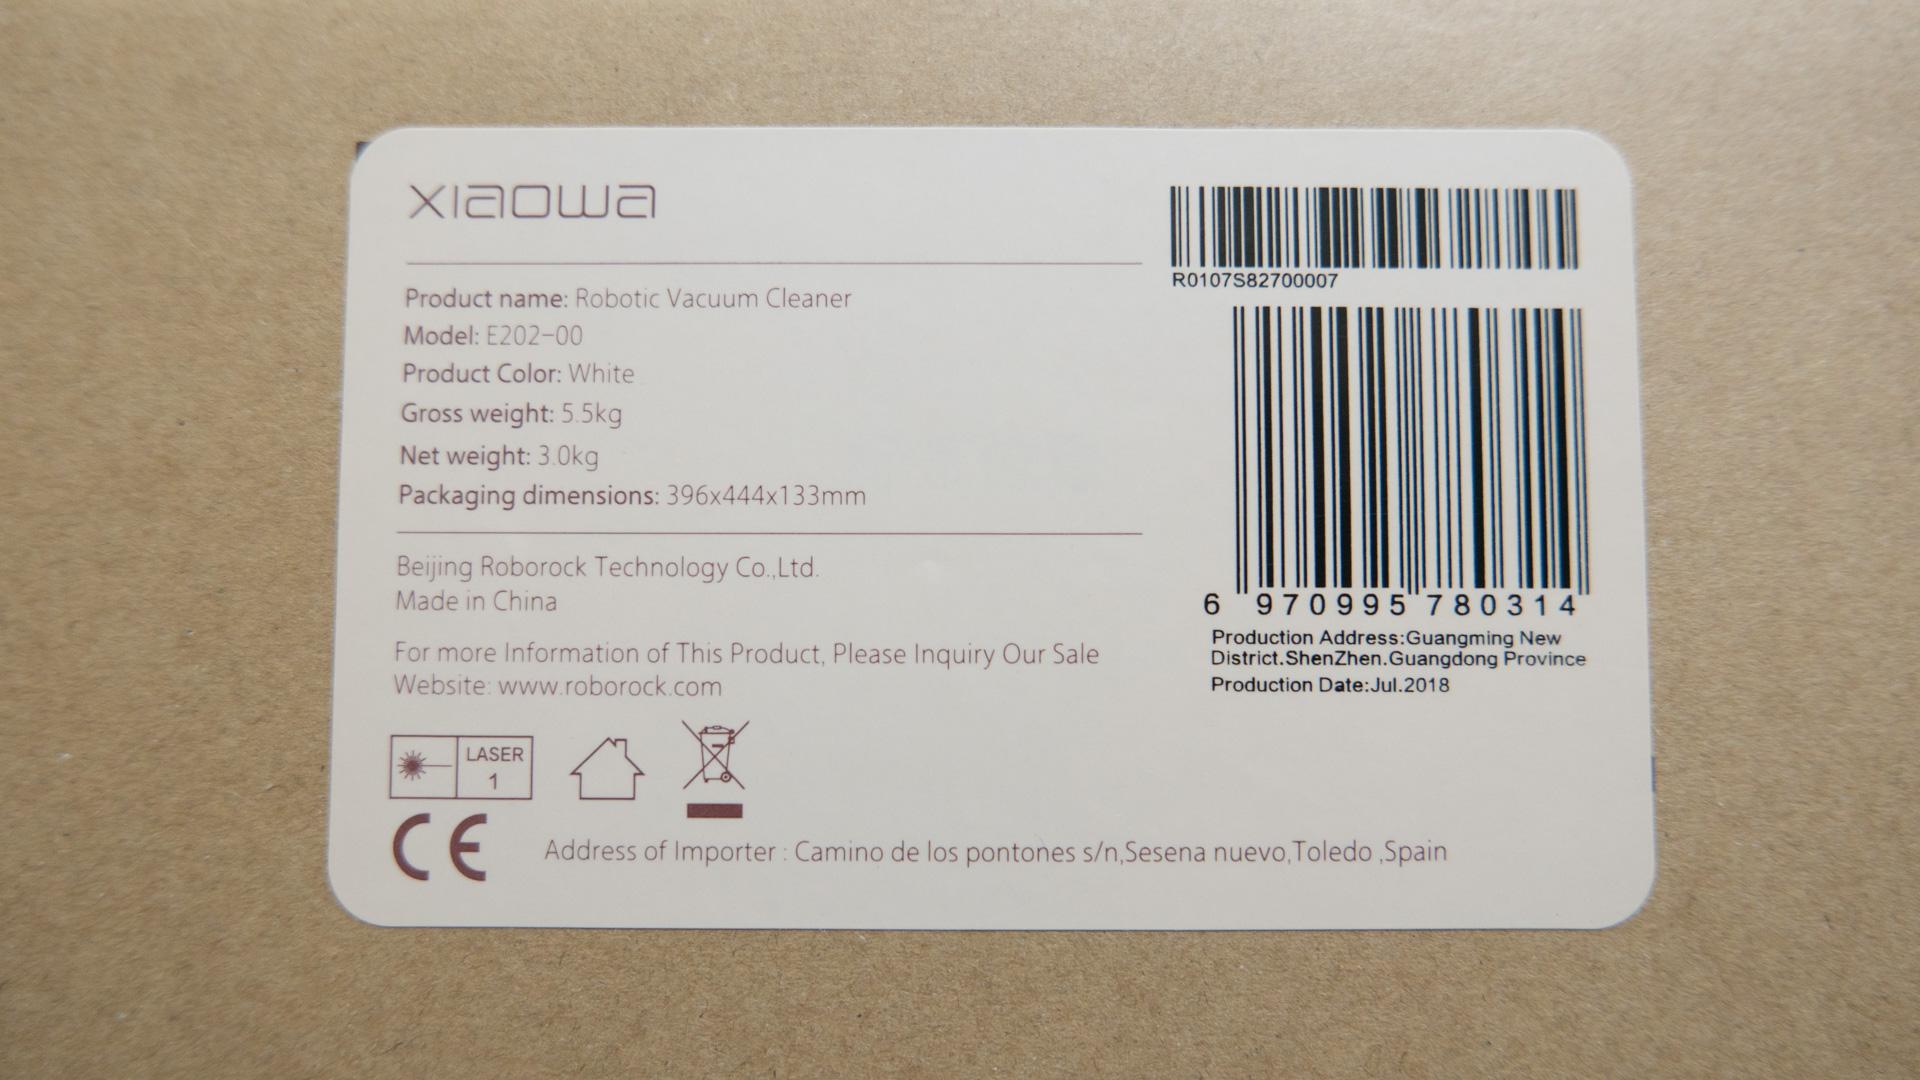 Xiaomi roborock Xiaowa Unboxing 12